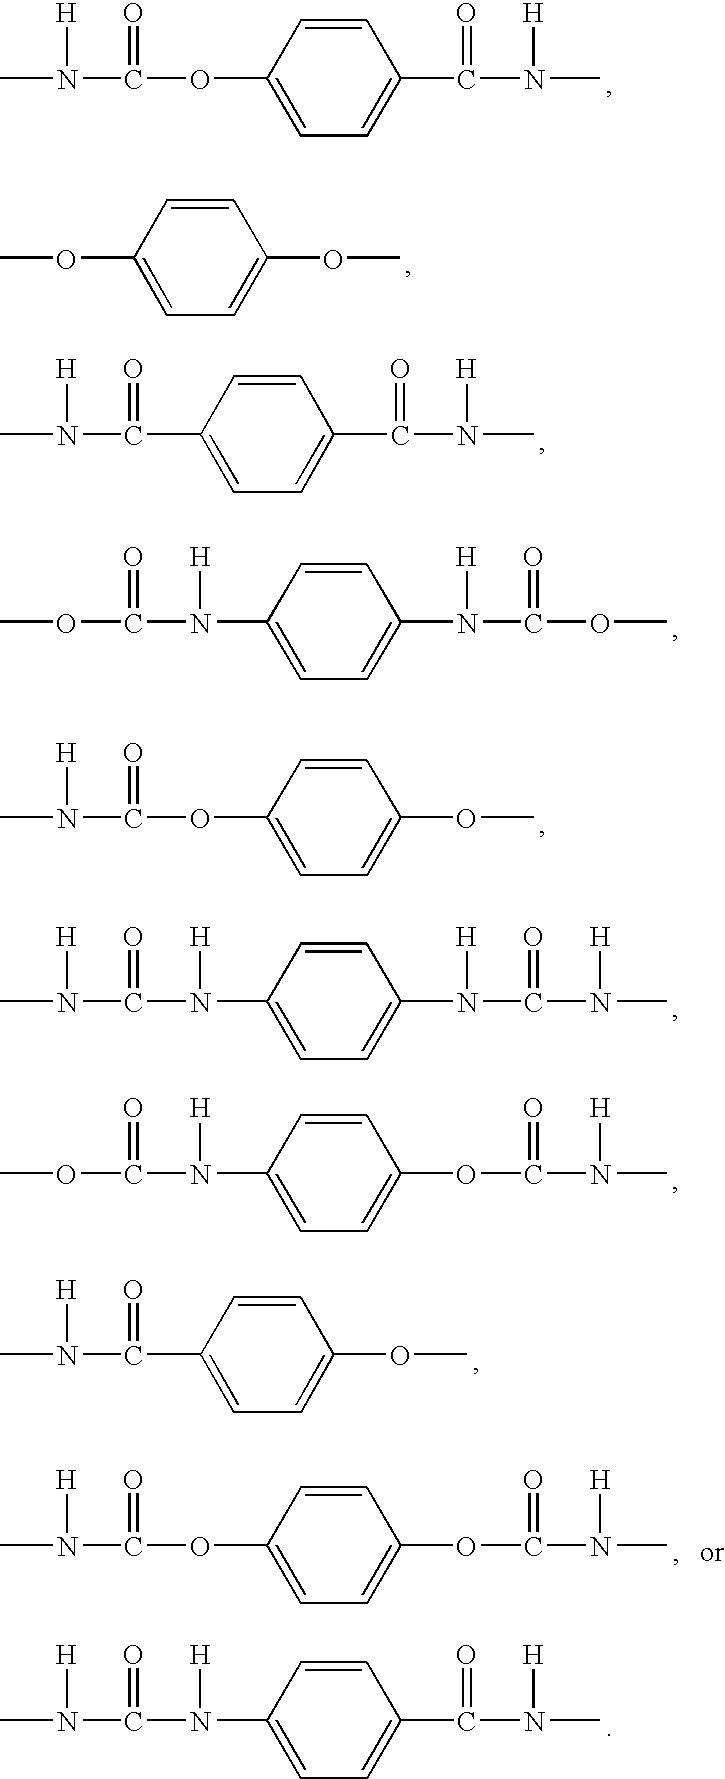 Figure US20090012243A1-20090108-C00045